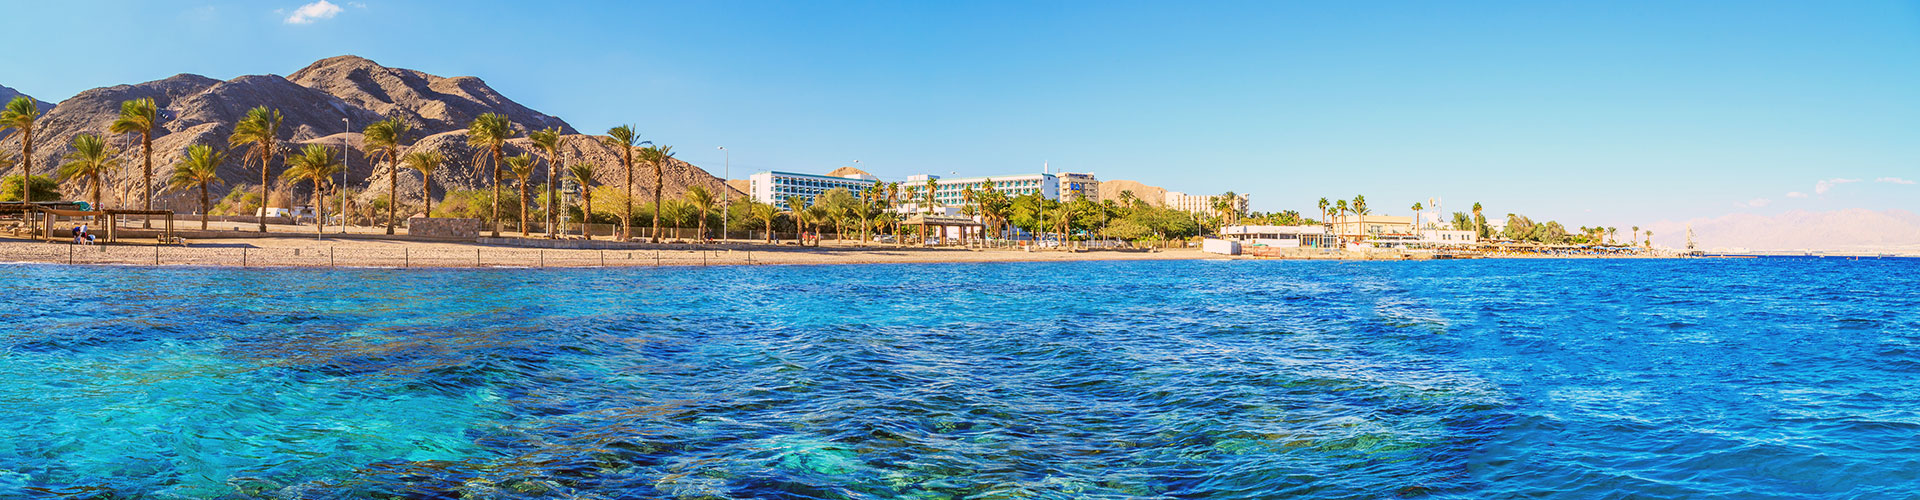 Séjour en hôtel à Eilat